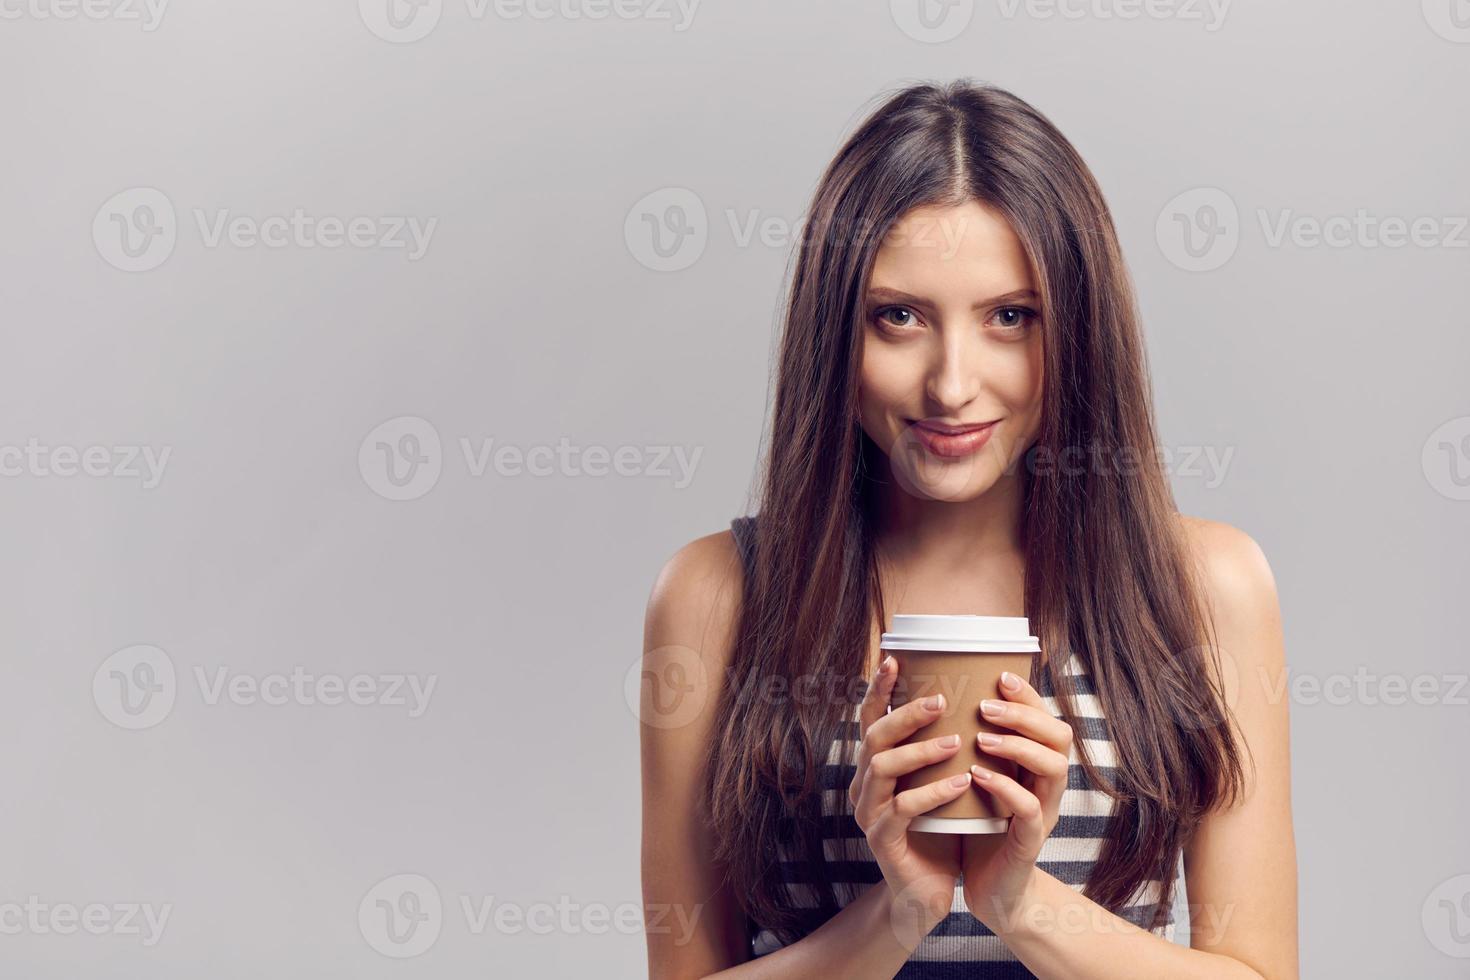 Frau trinkt heißes Getränk aus Einweg-Pappbecher foto